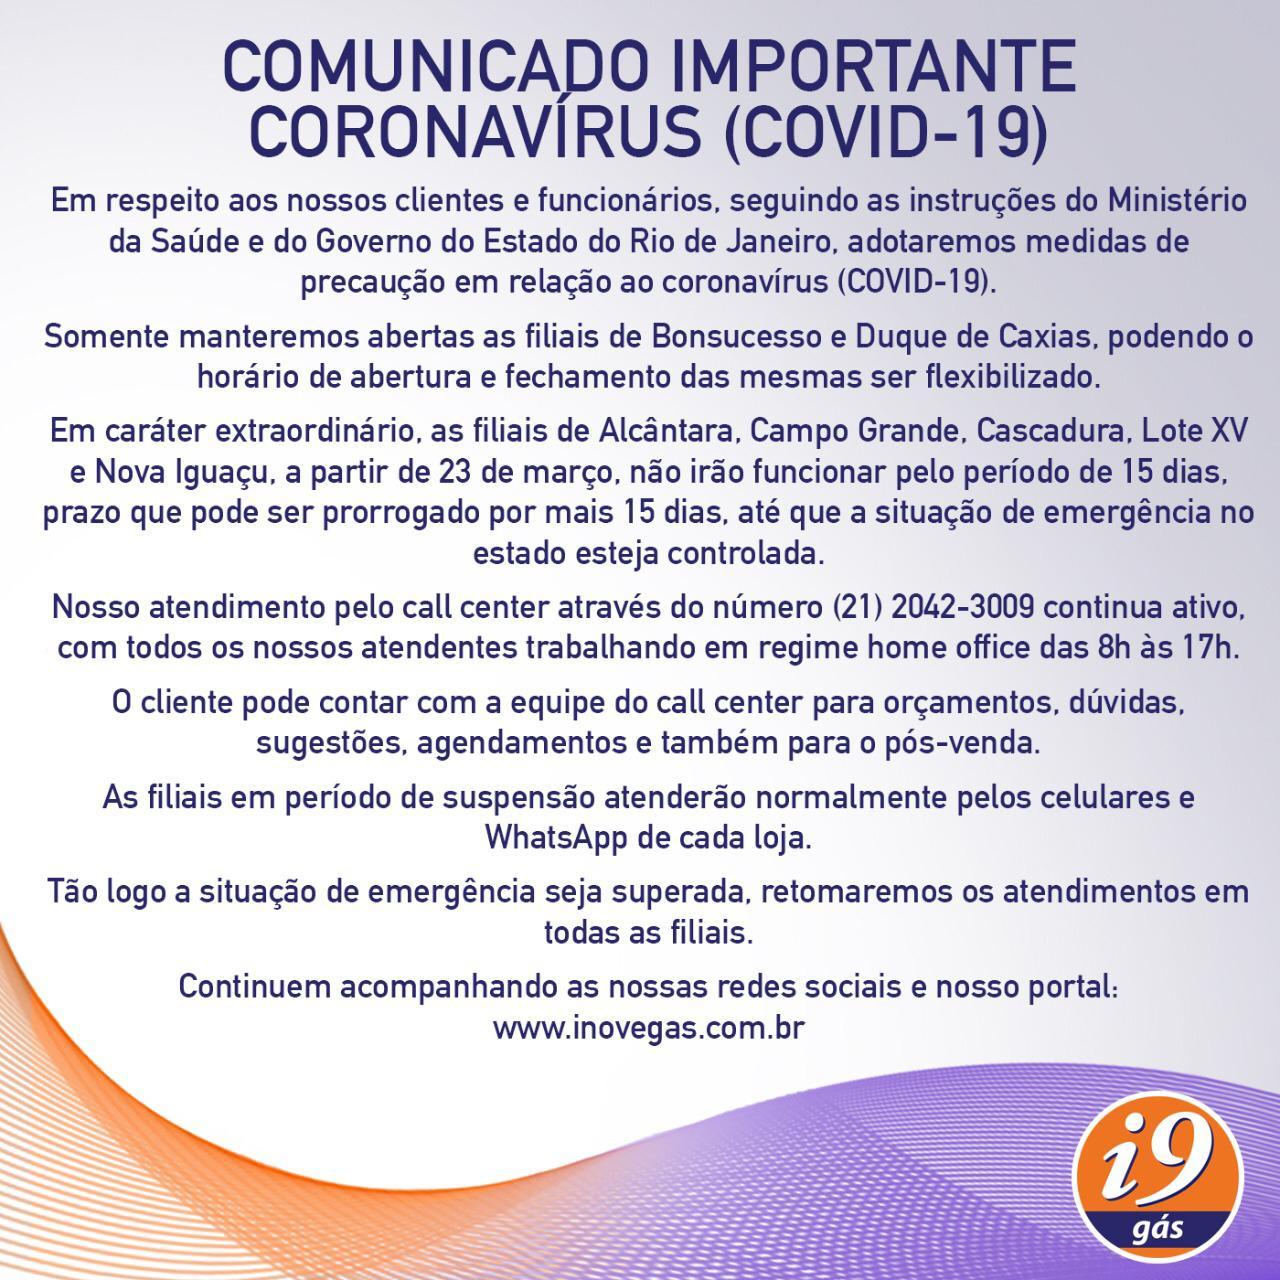 Comunicado Corona Vírus (COVID-19))